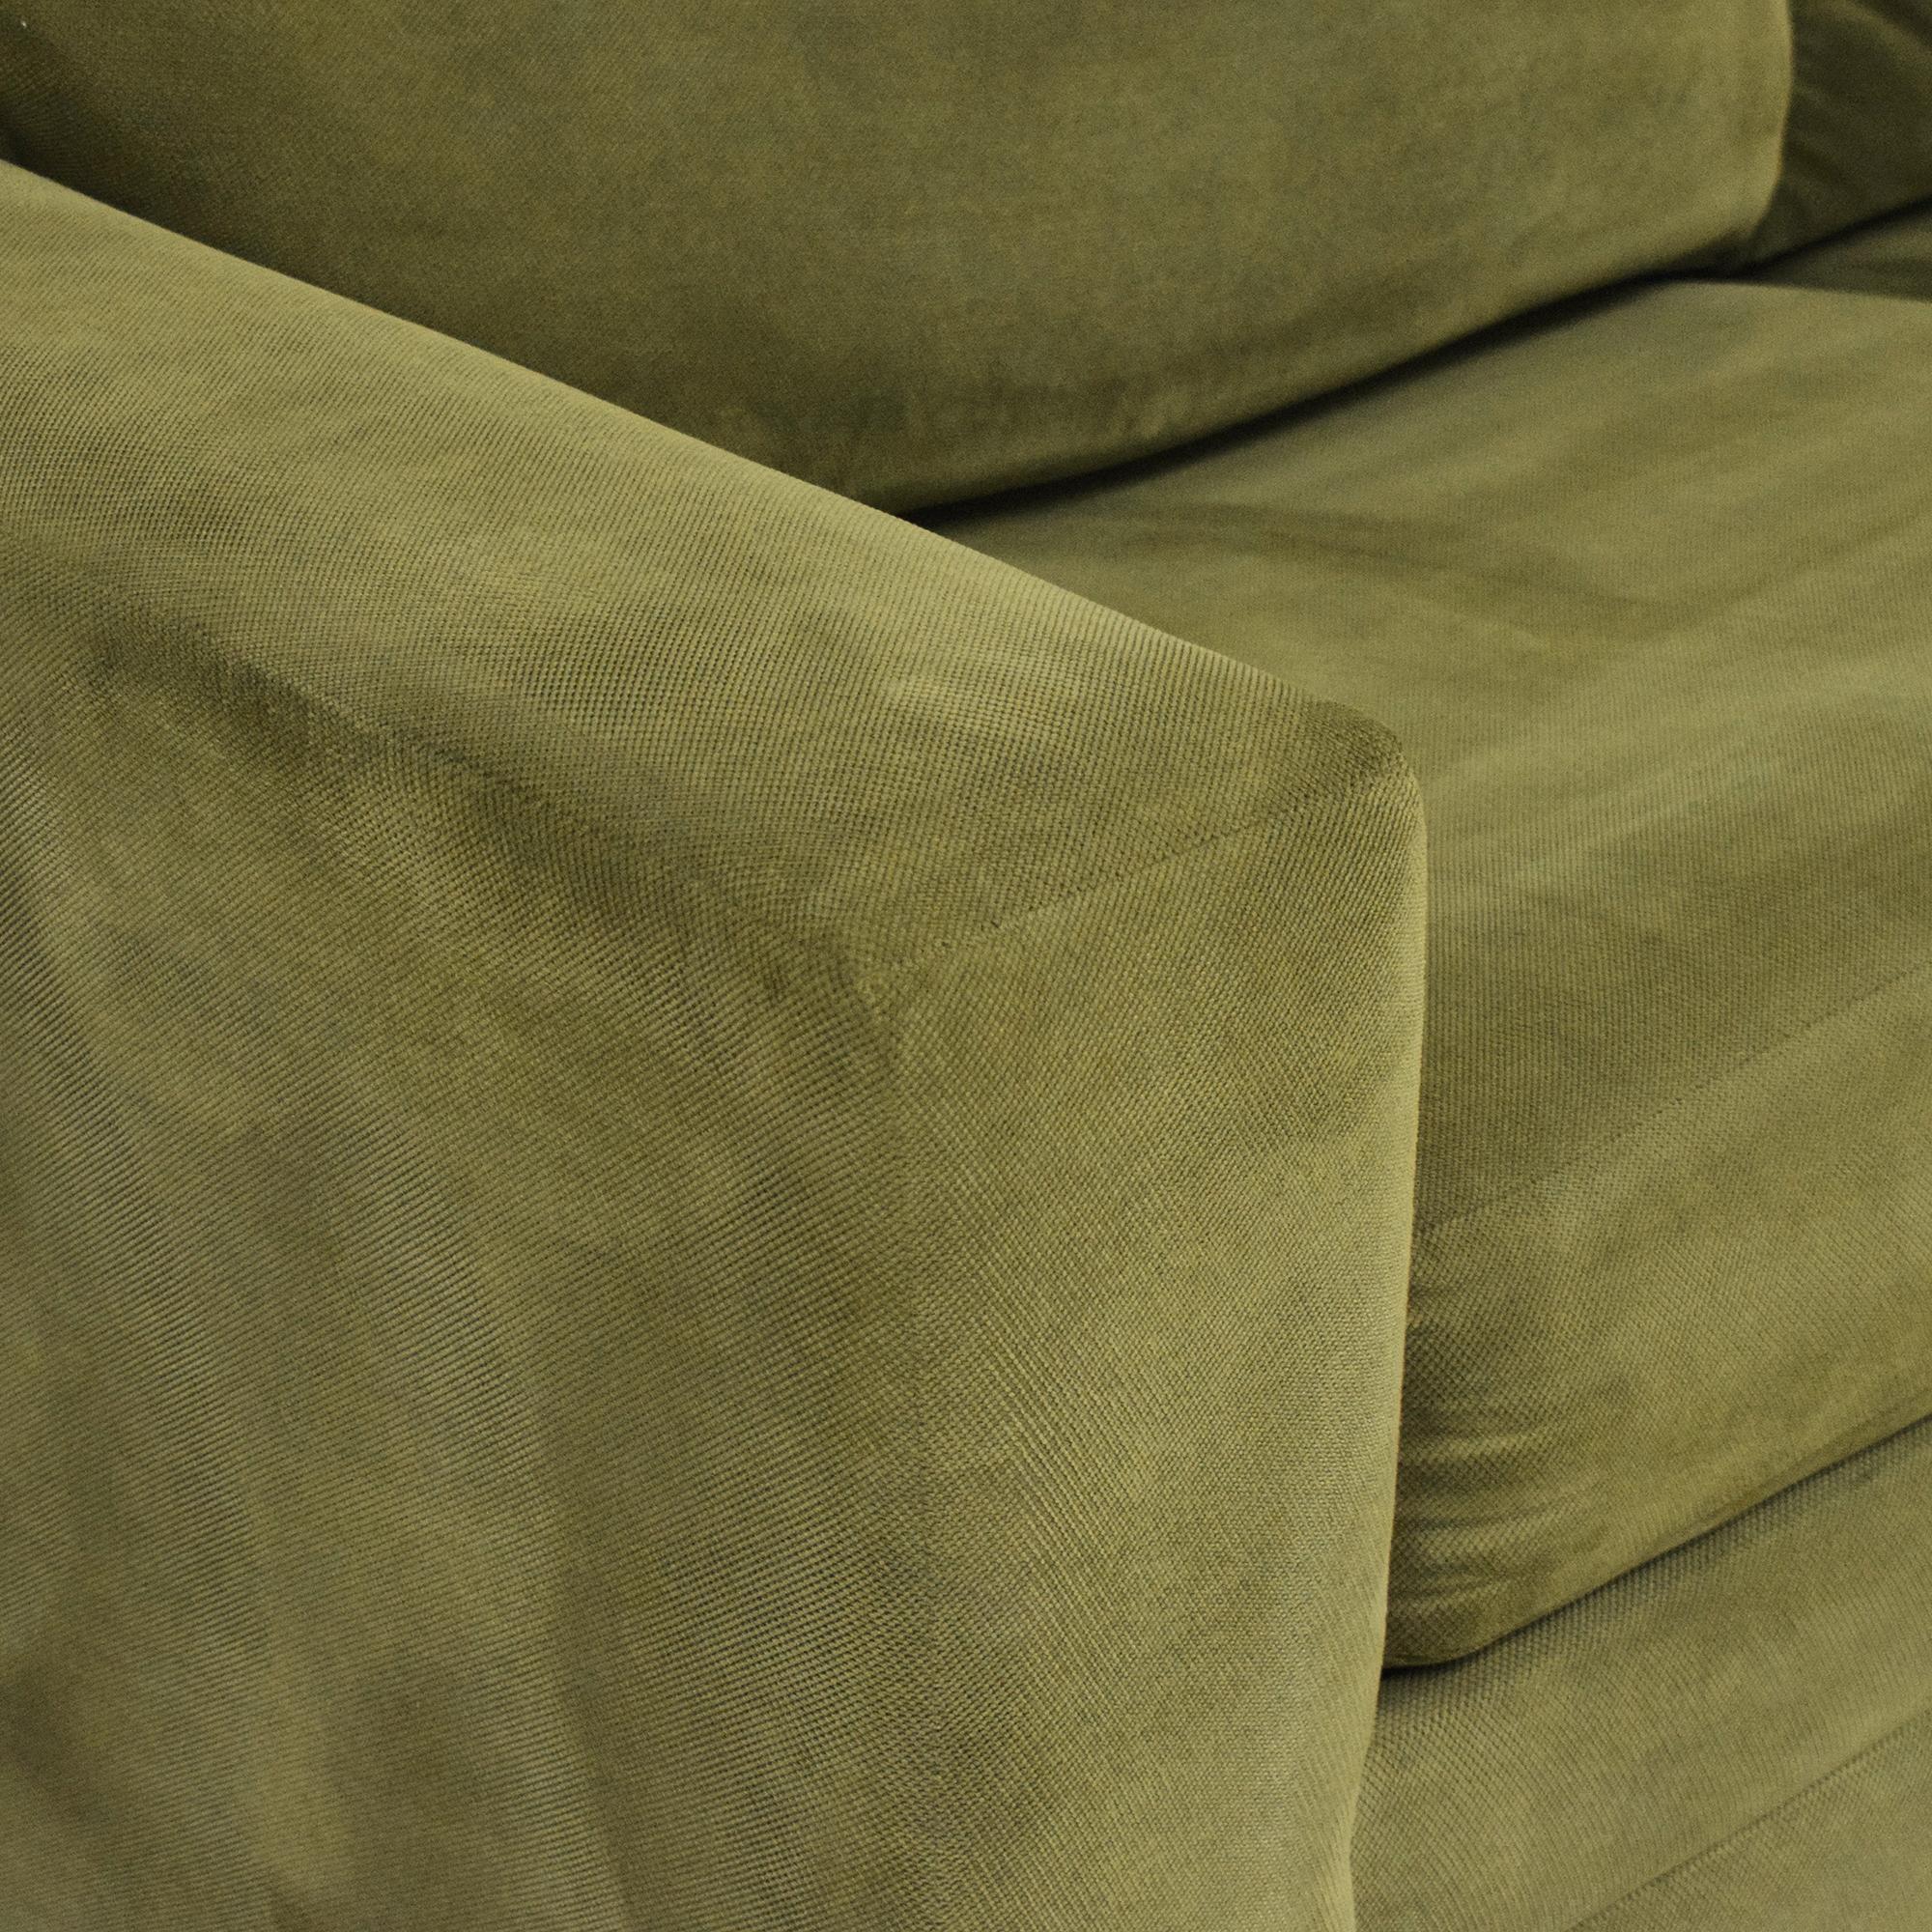 Bassett Furniture Bassett Furniture Queen Sleeper Sofa on sale